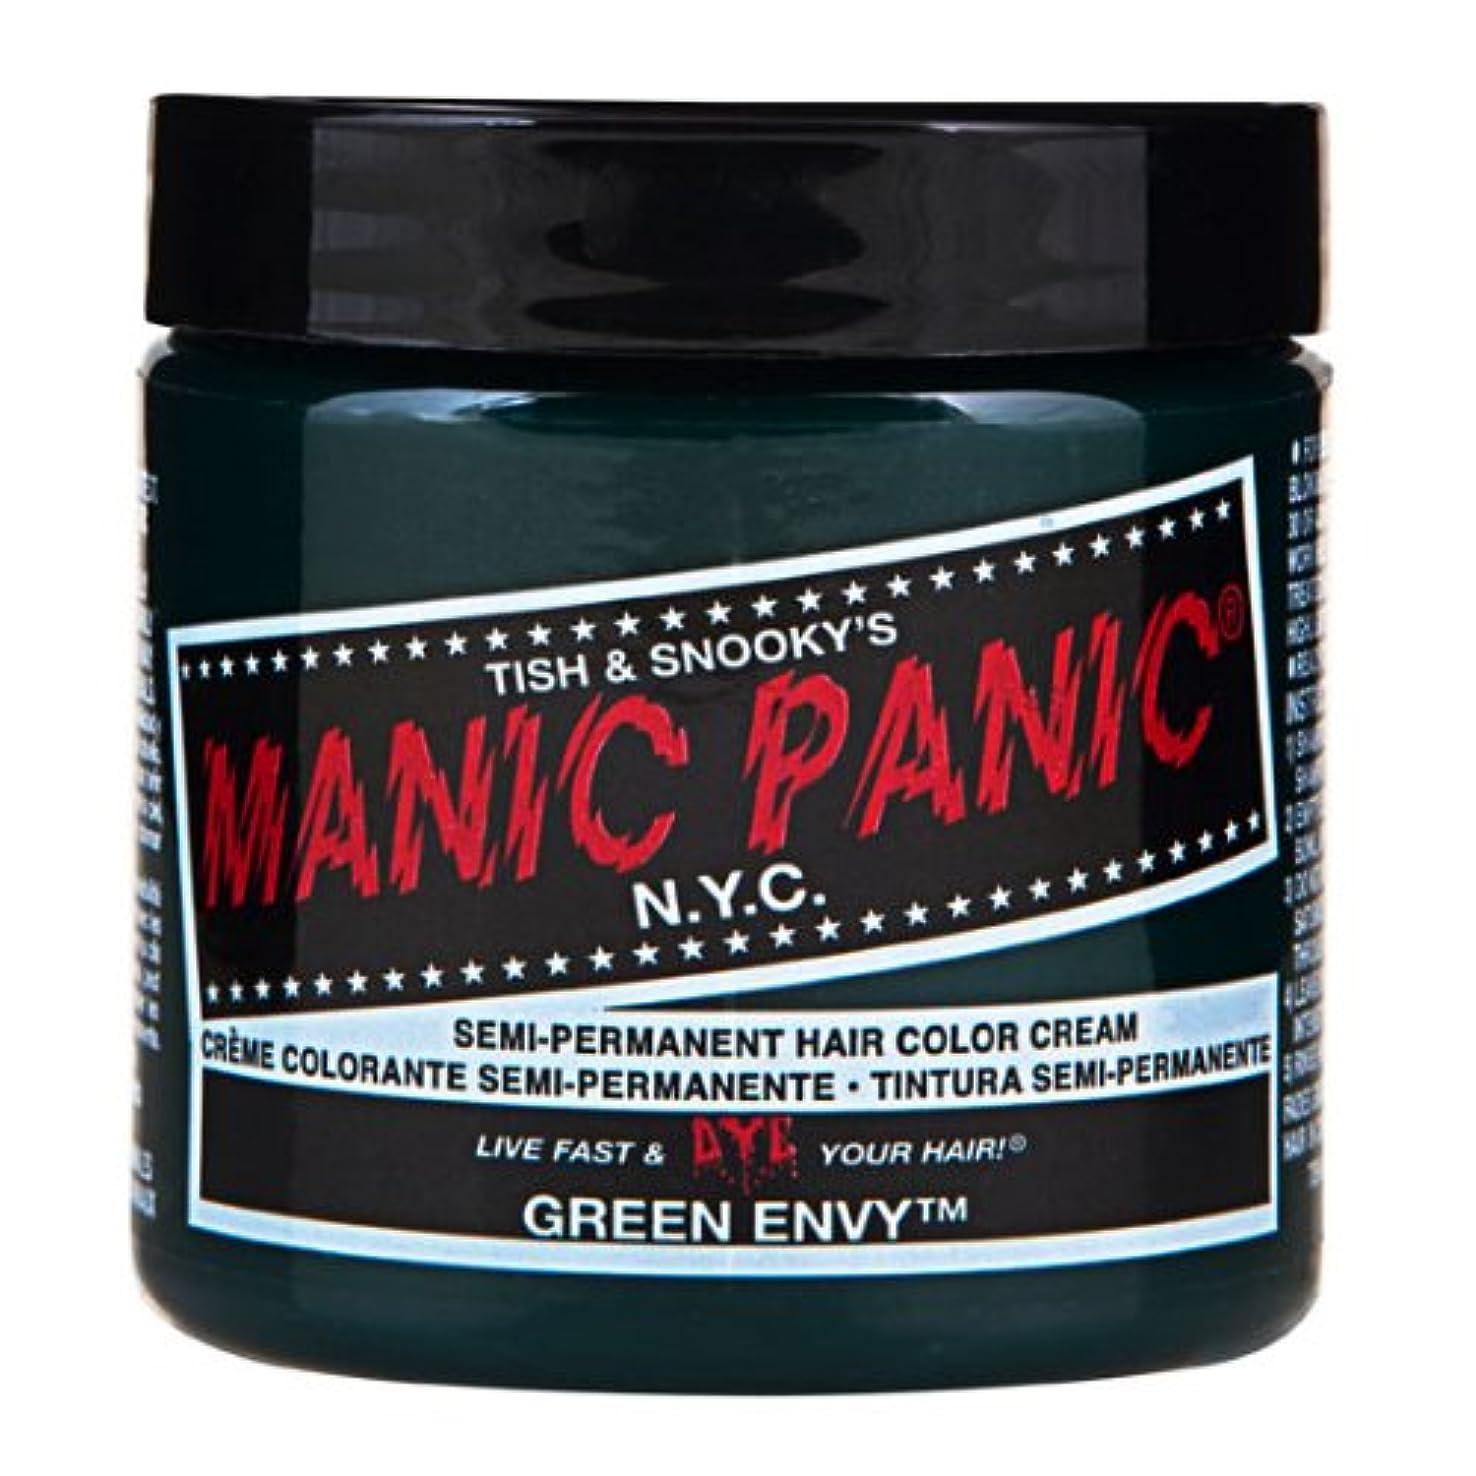 スペシャルセットMANIC PANICマニックパニック:Green Envy (グリーンエンヴィ)+ヘアカラーケア4点セット